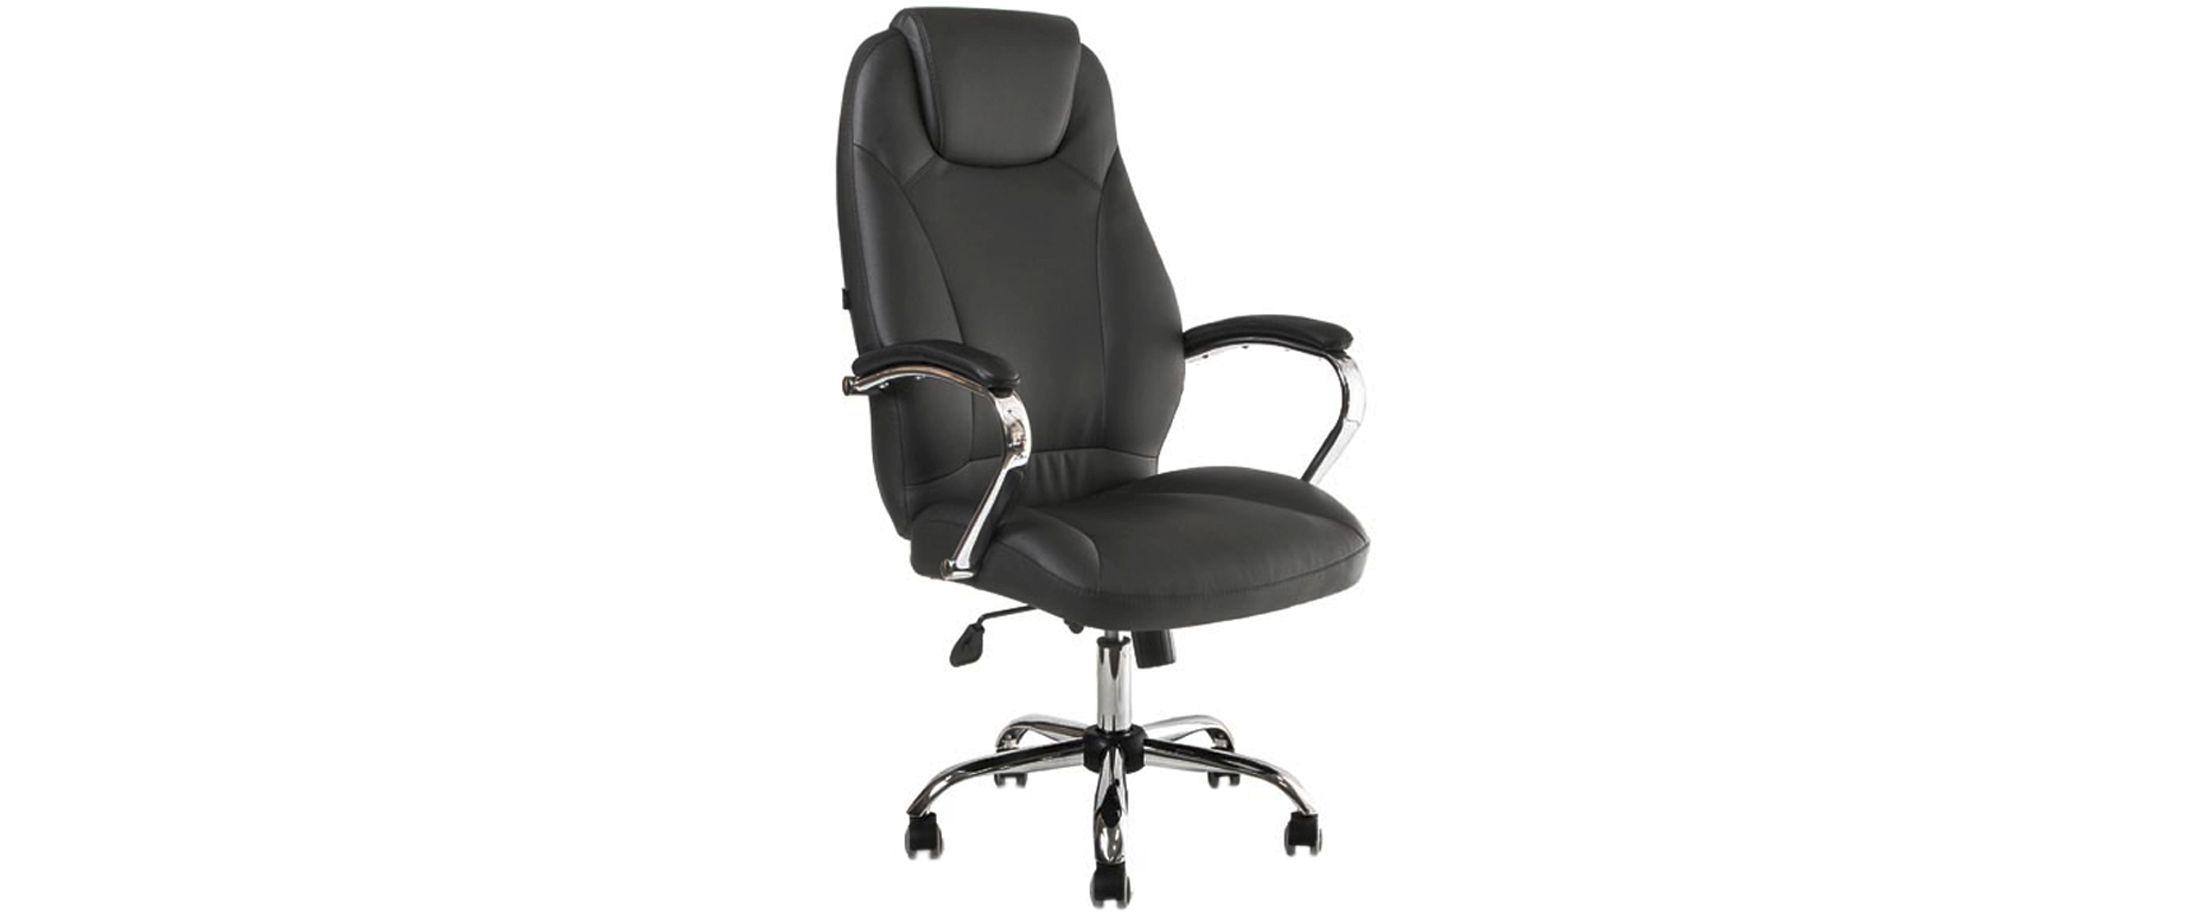 Кресло офисное AV 122 из экокожи цвет черный Модель 999Кресло офисное AV 122 из экокожи цвет черный Модель 999. Артикул Д000707<br>